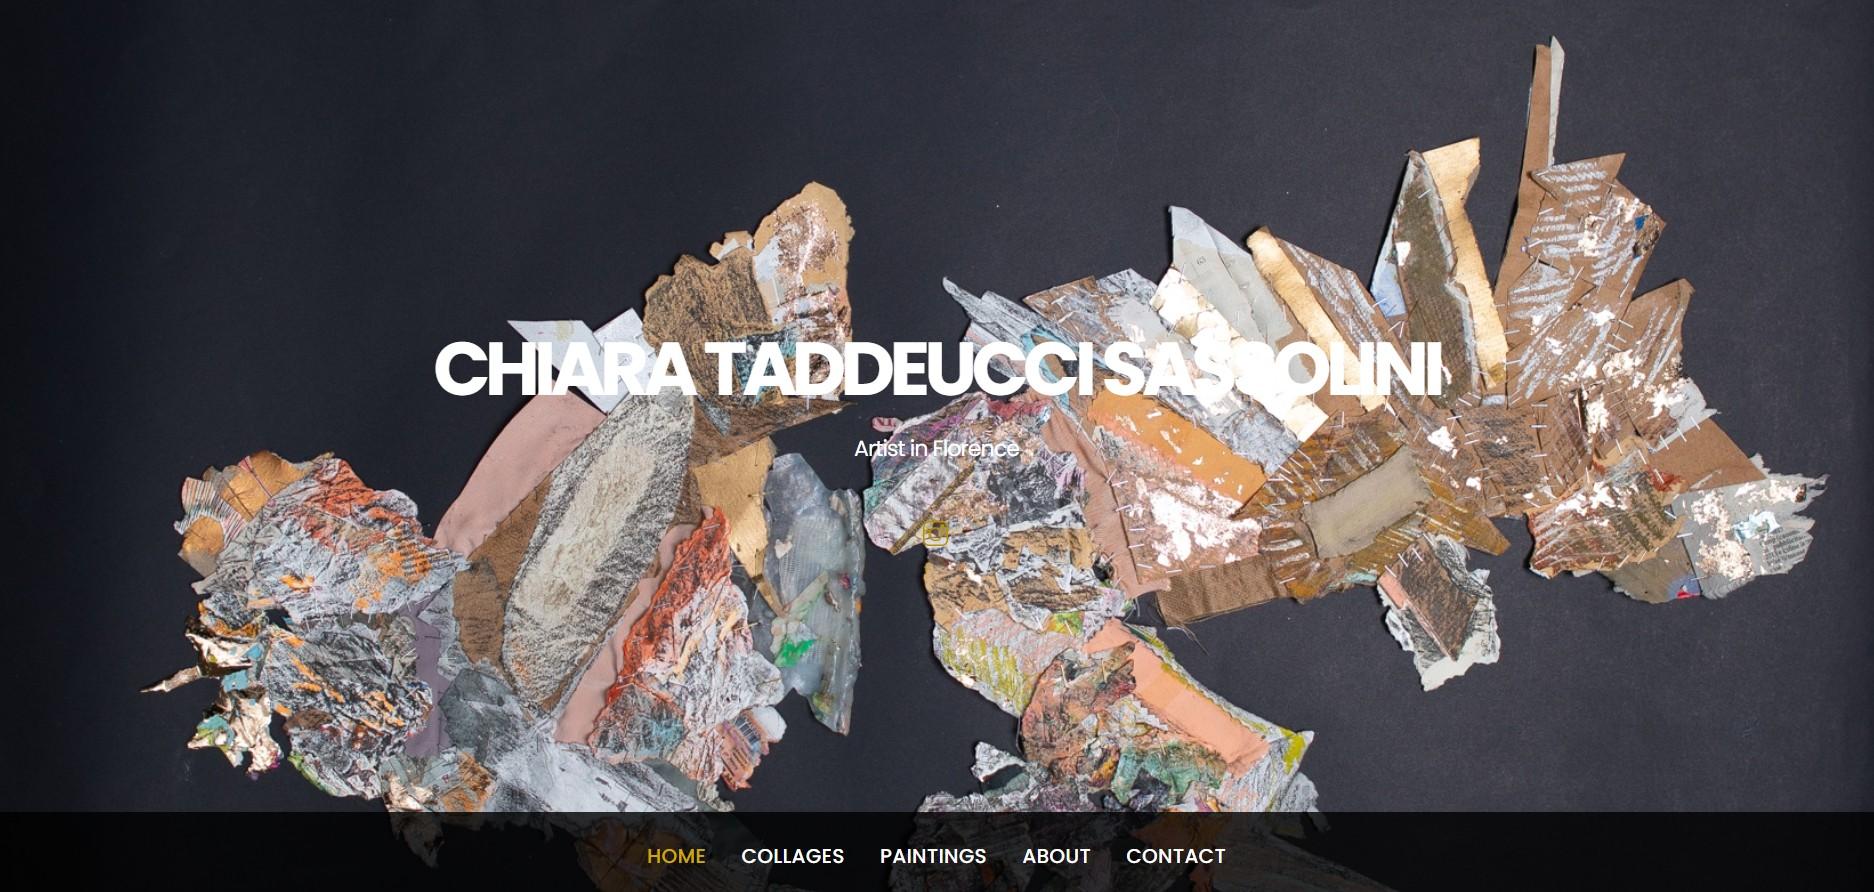 Sito dell'artista Chiara Taddeucci Sassolini realizzato con WordPress e Themify